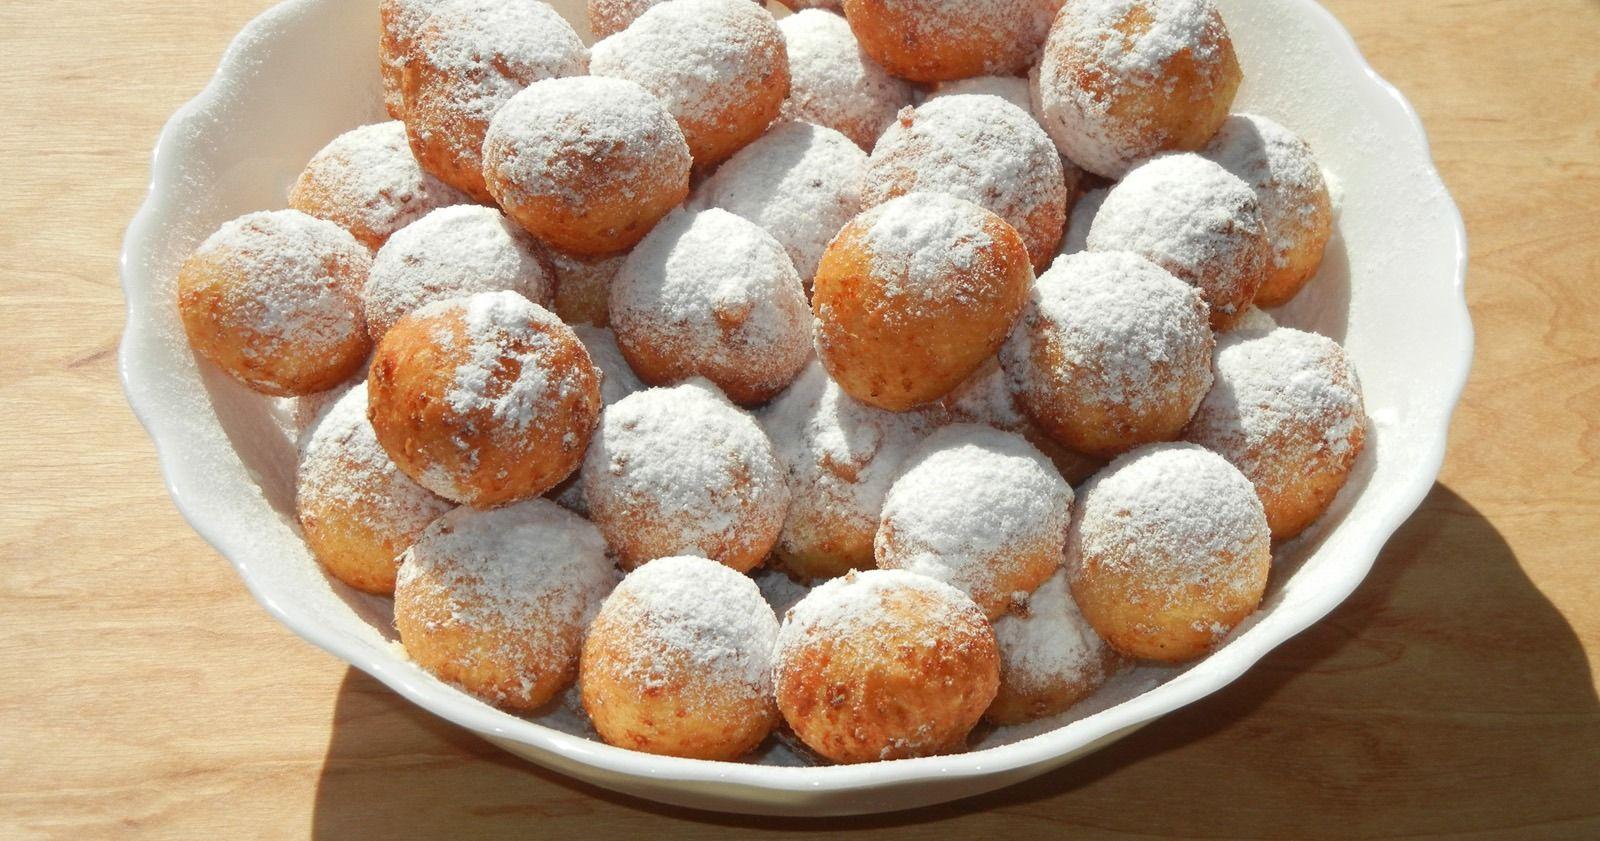 приготовления самого пончики творожные со сгущенкой рецепт с фото нашим